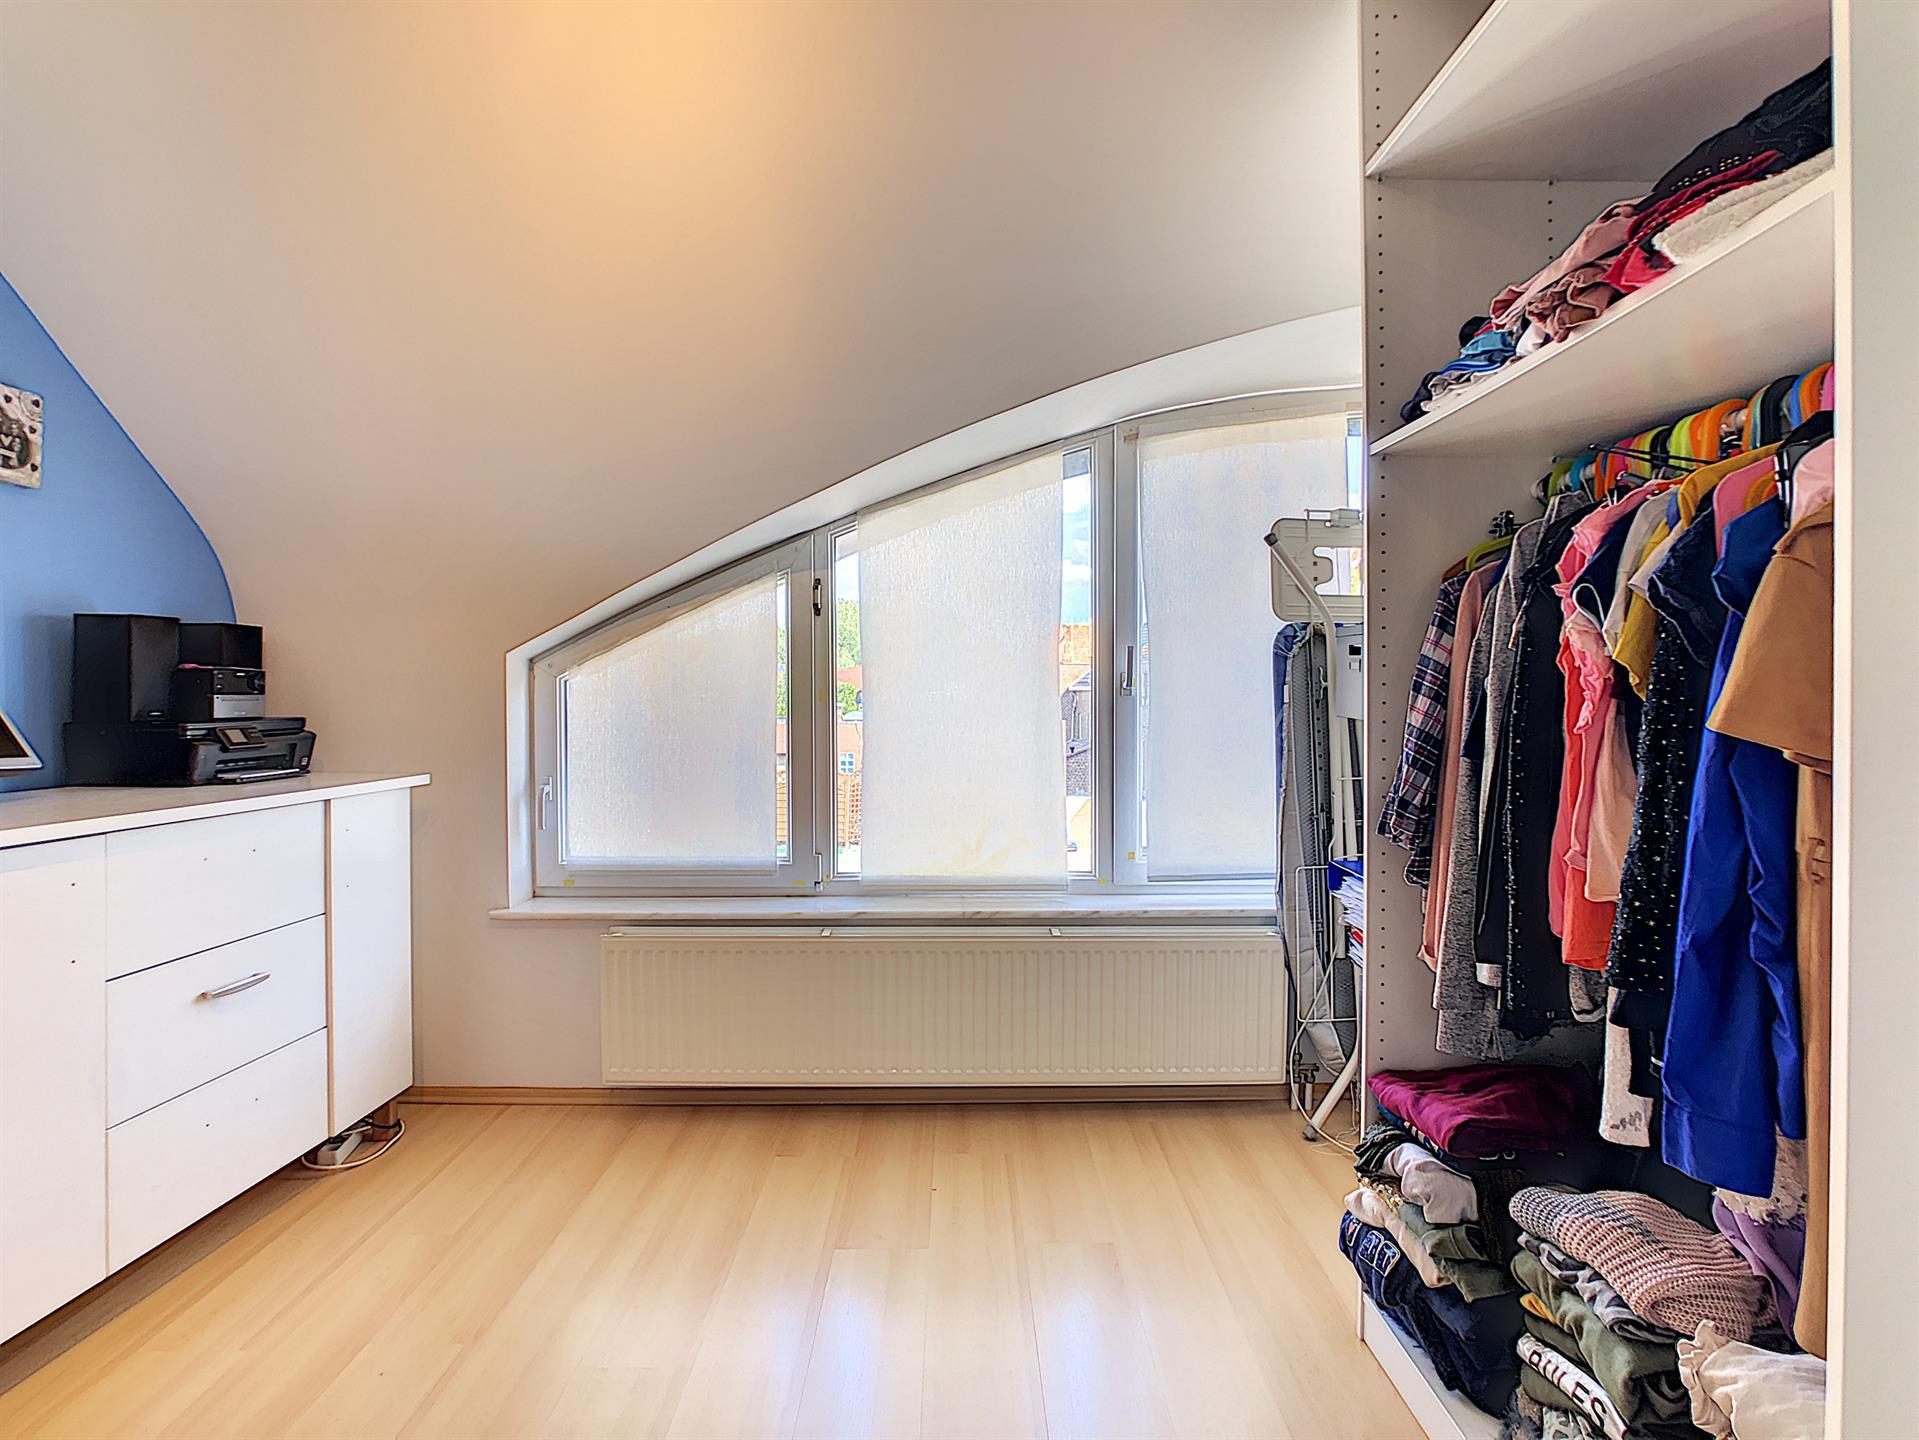 Bel-étage - Wemmel - #4080122-8